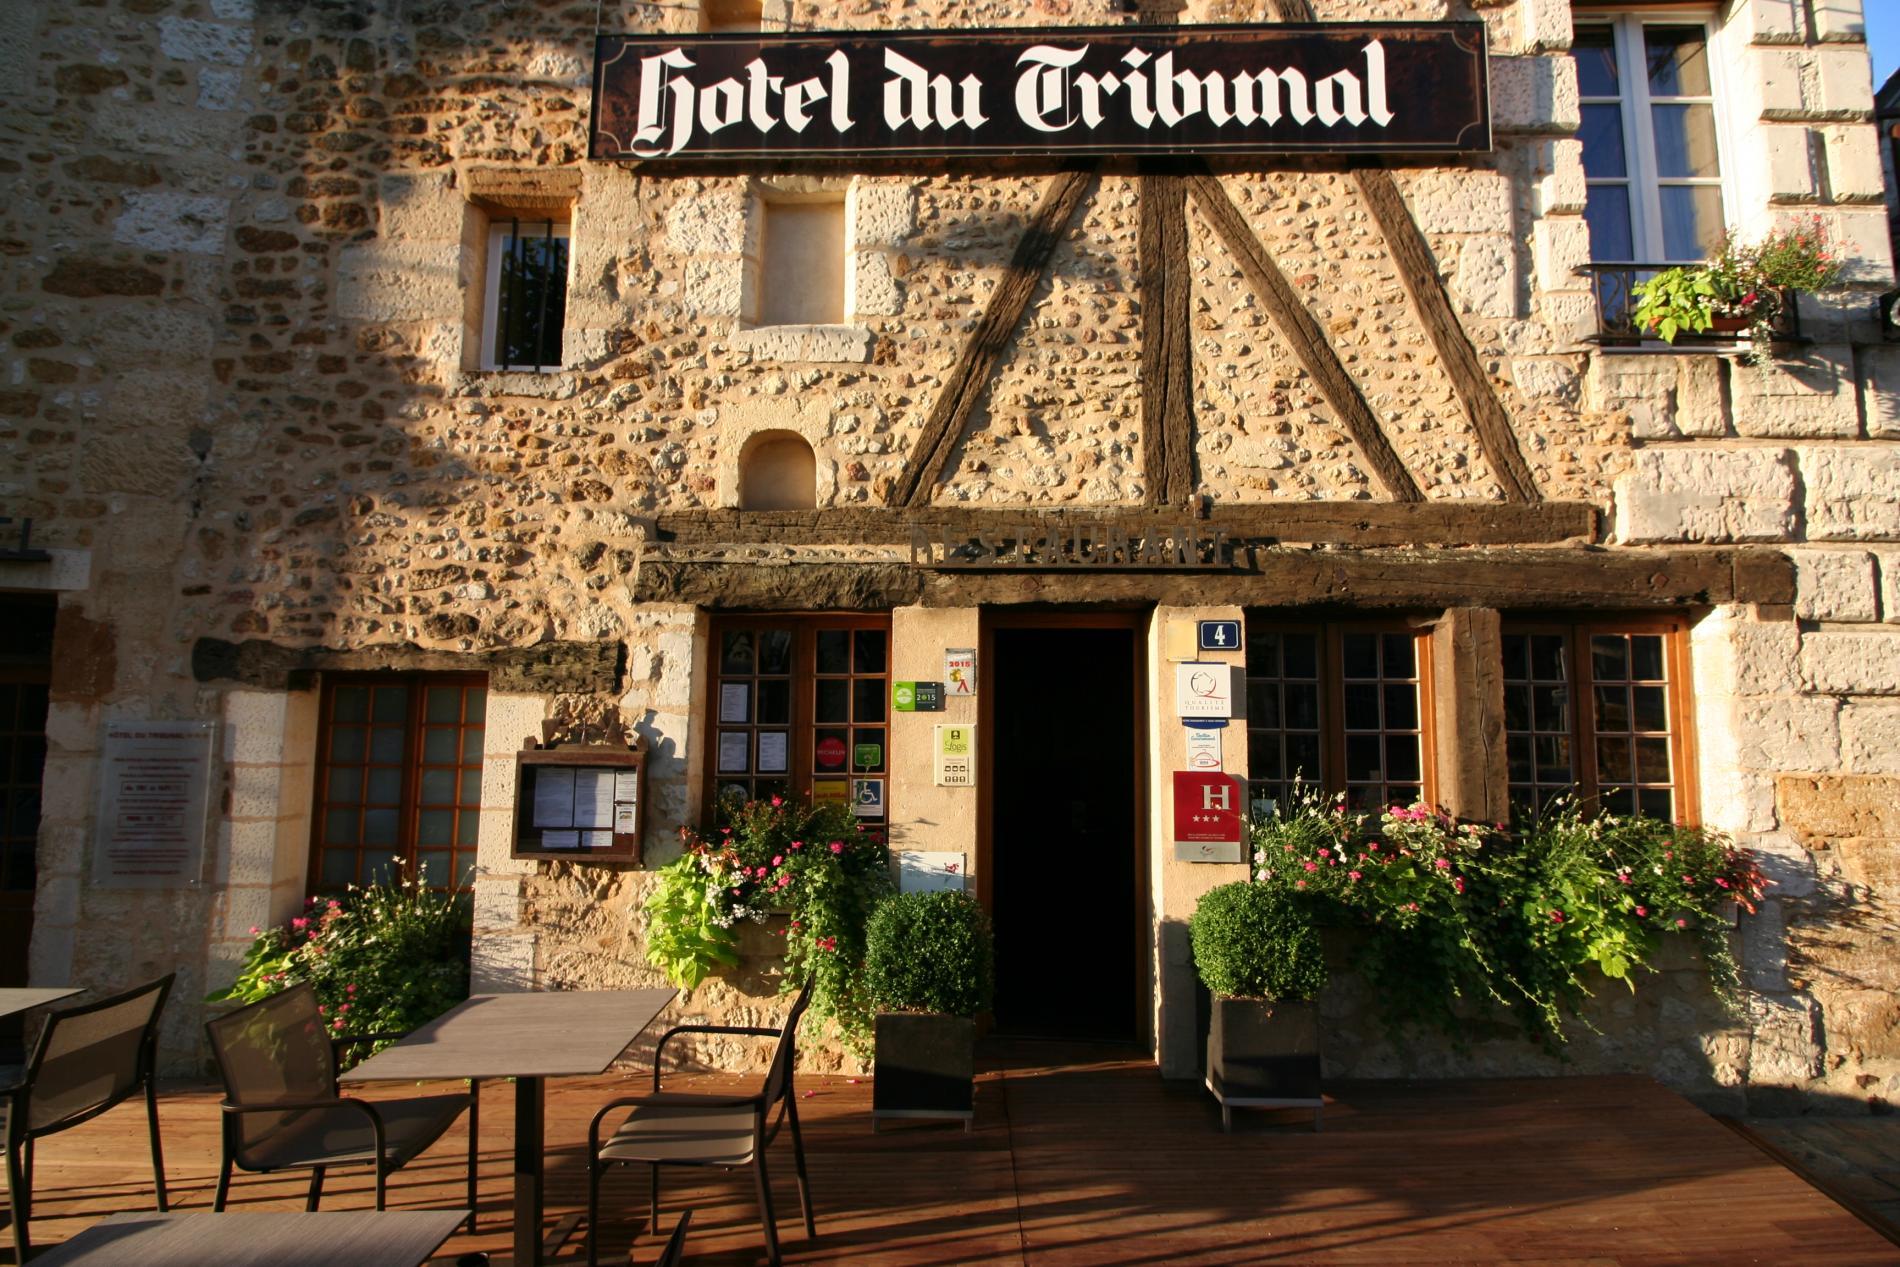 Hotel du Tribunal - Hotel en Normandie